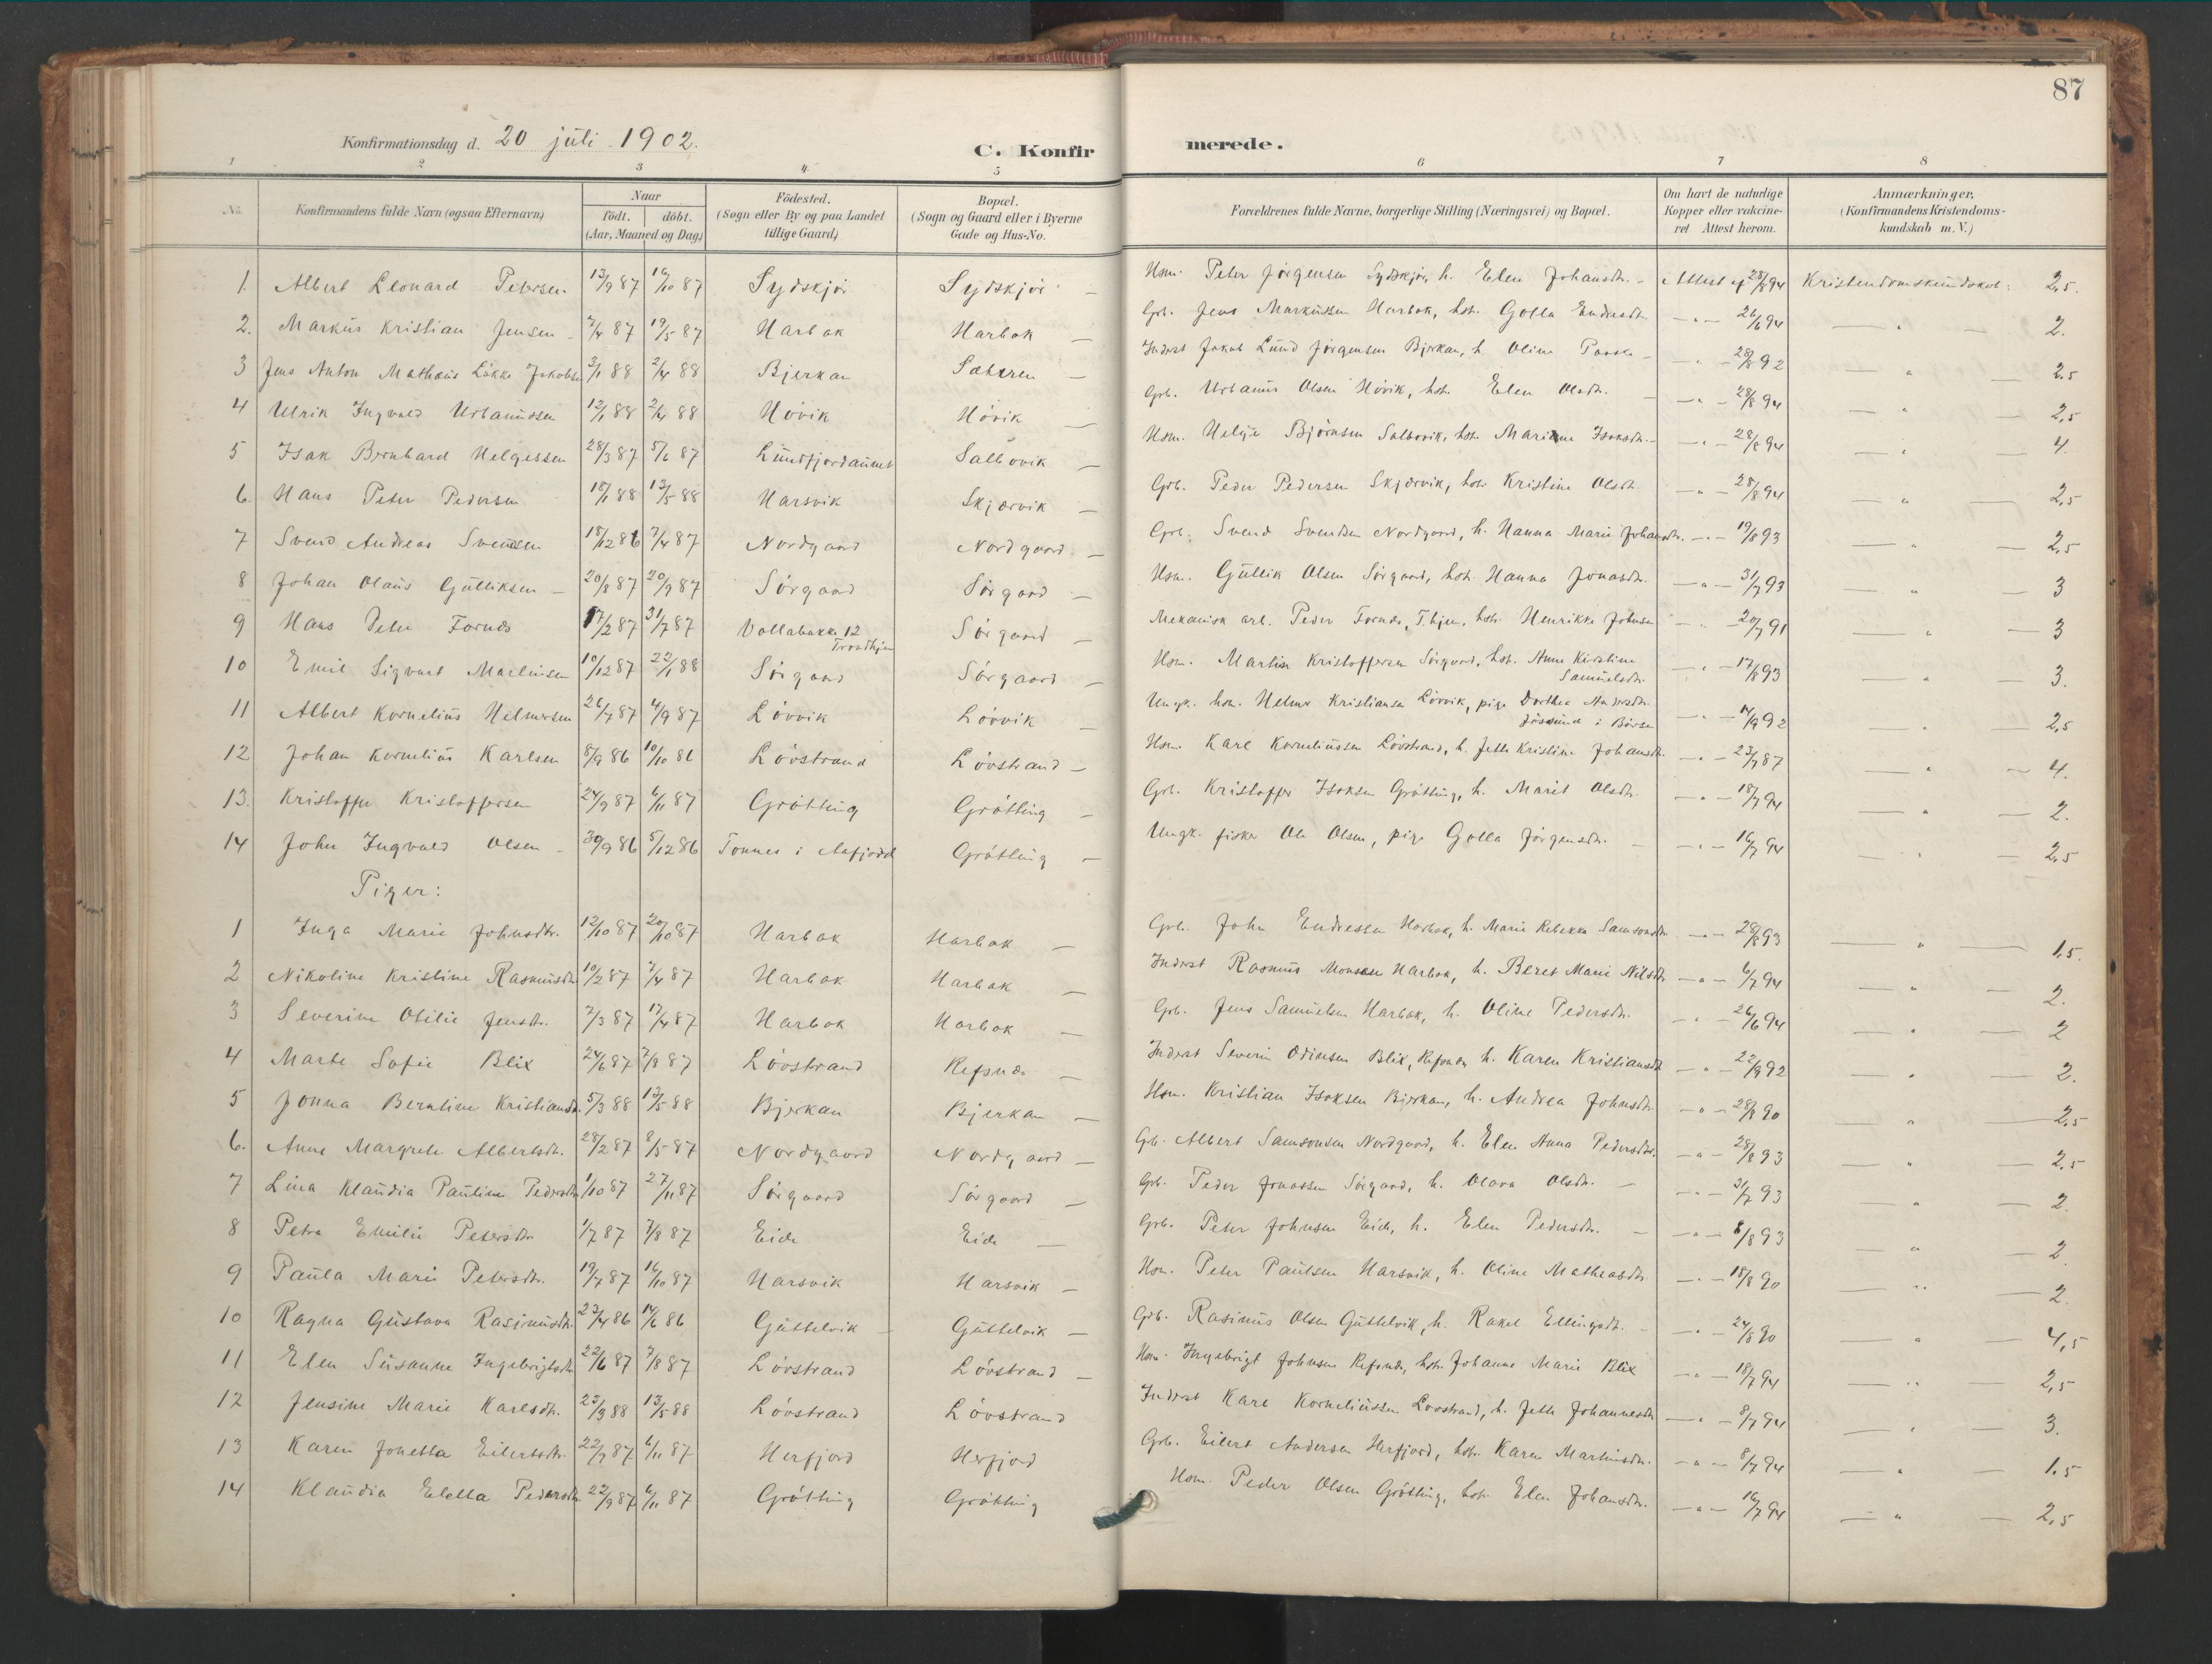 SAT, Ministerialprotokoller, klokkerbøker og fødselsregistre - Sør-Trøndelag, 656/L0693: Ministerialbok nr. 656A02, 1894-1913, s. 87